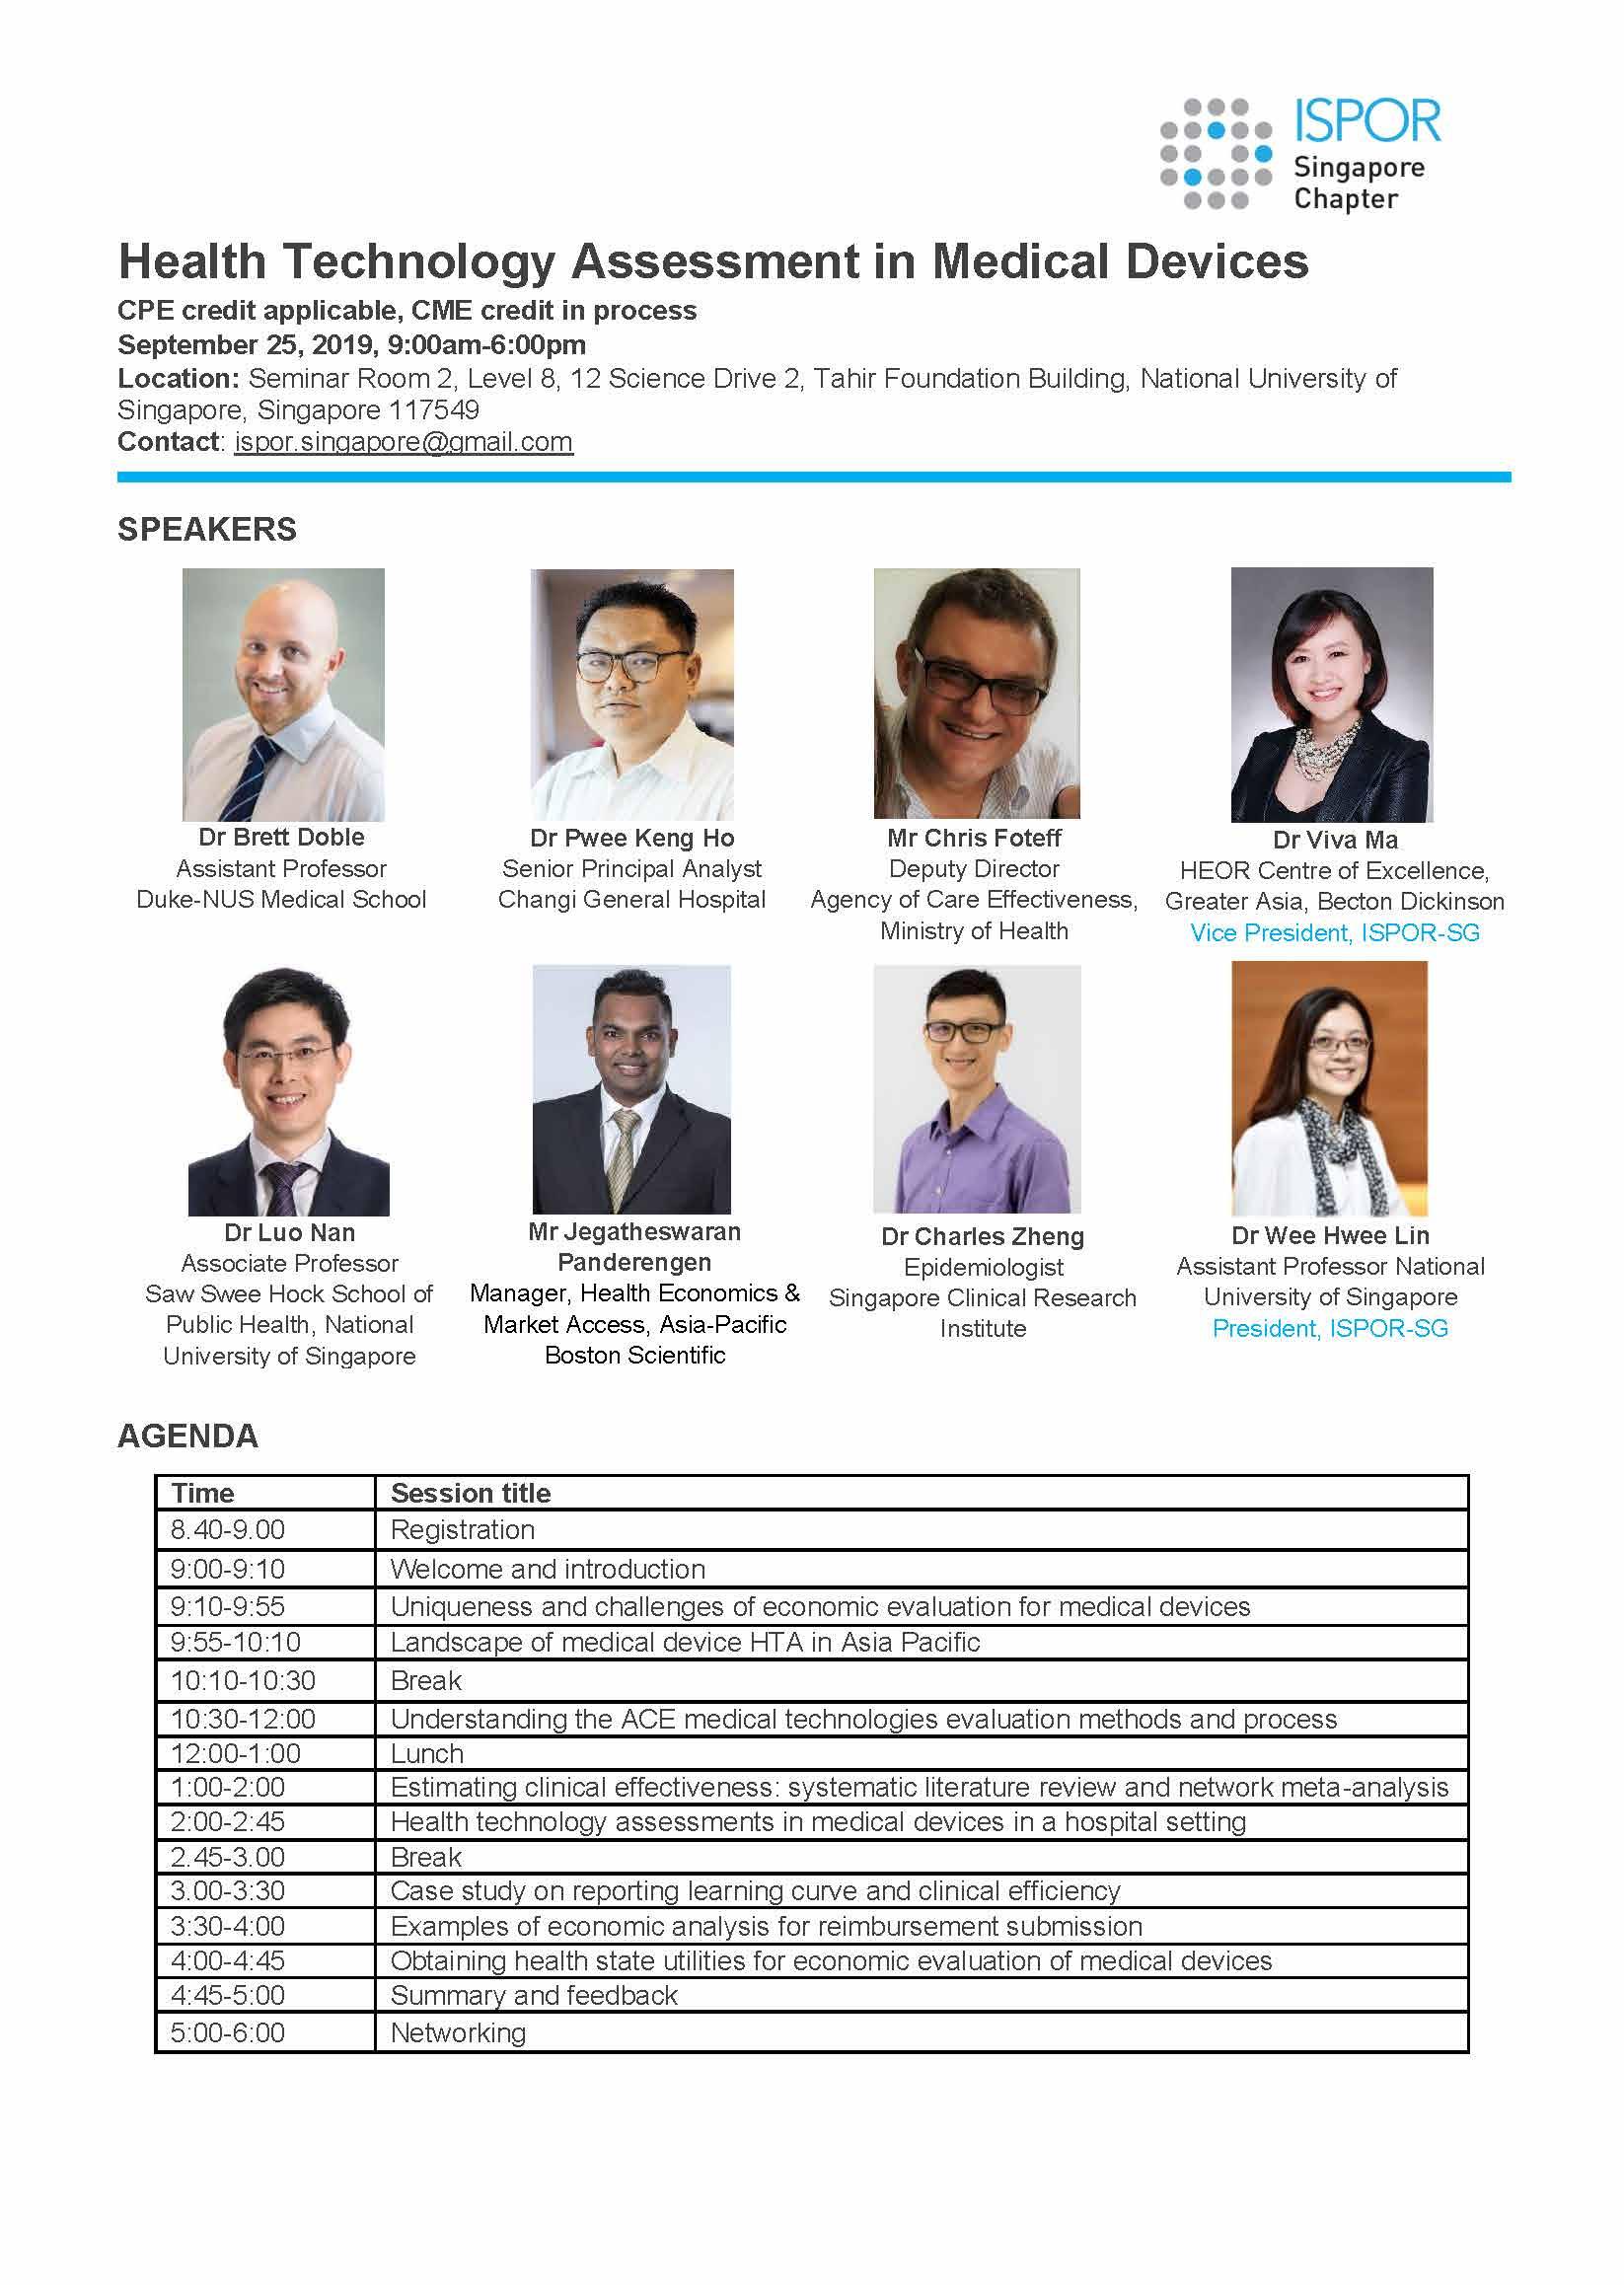 Contact: ispor.singapore@gmail.com